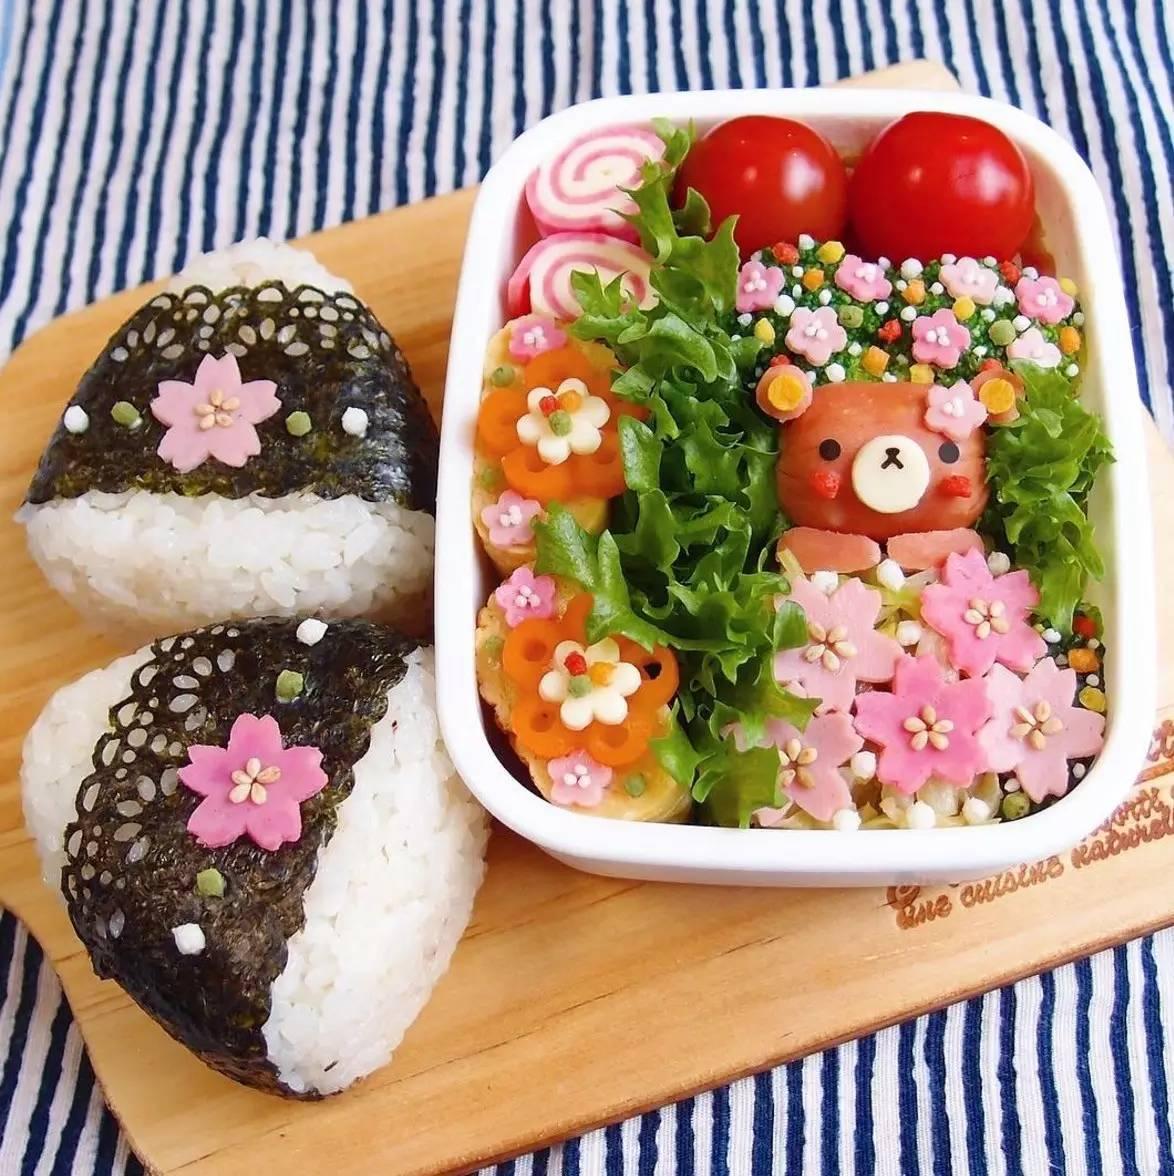 日本一年轻主妇给老公做的午餐便当火遍ins,这画风让人怀疑人生…